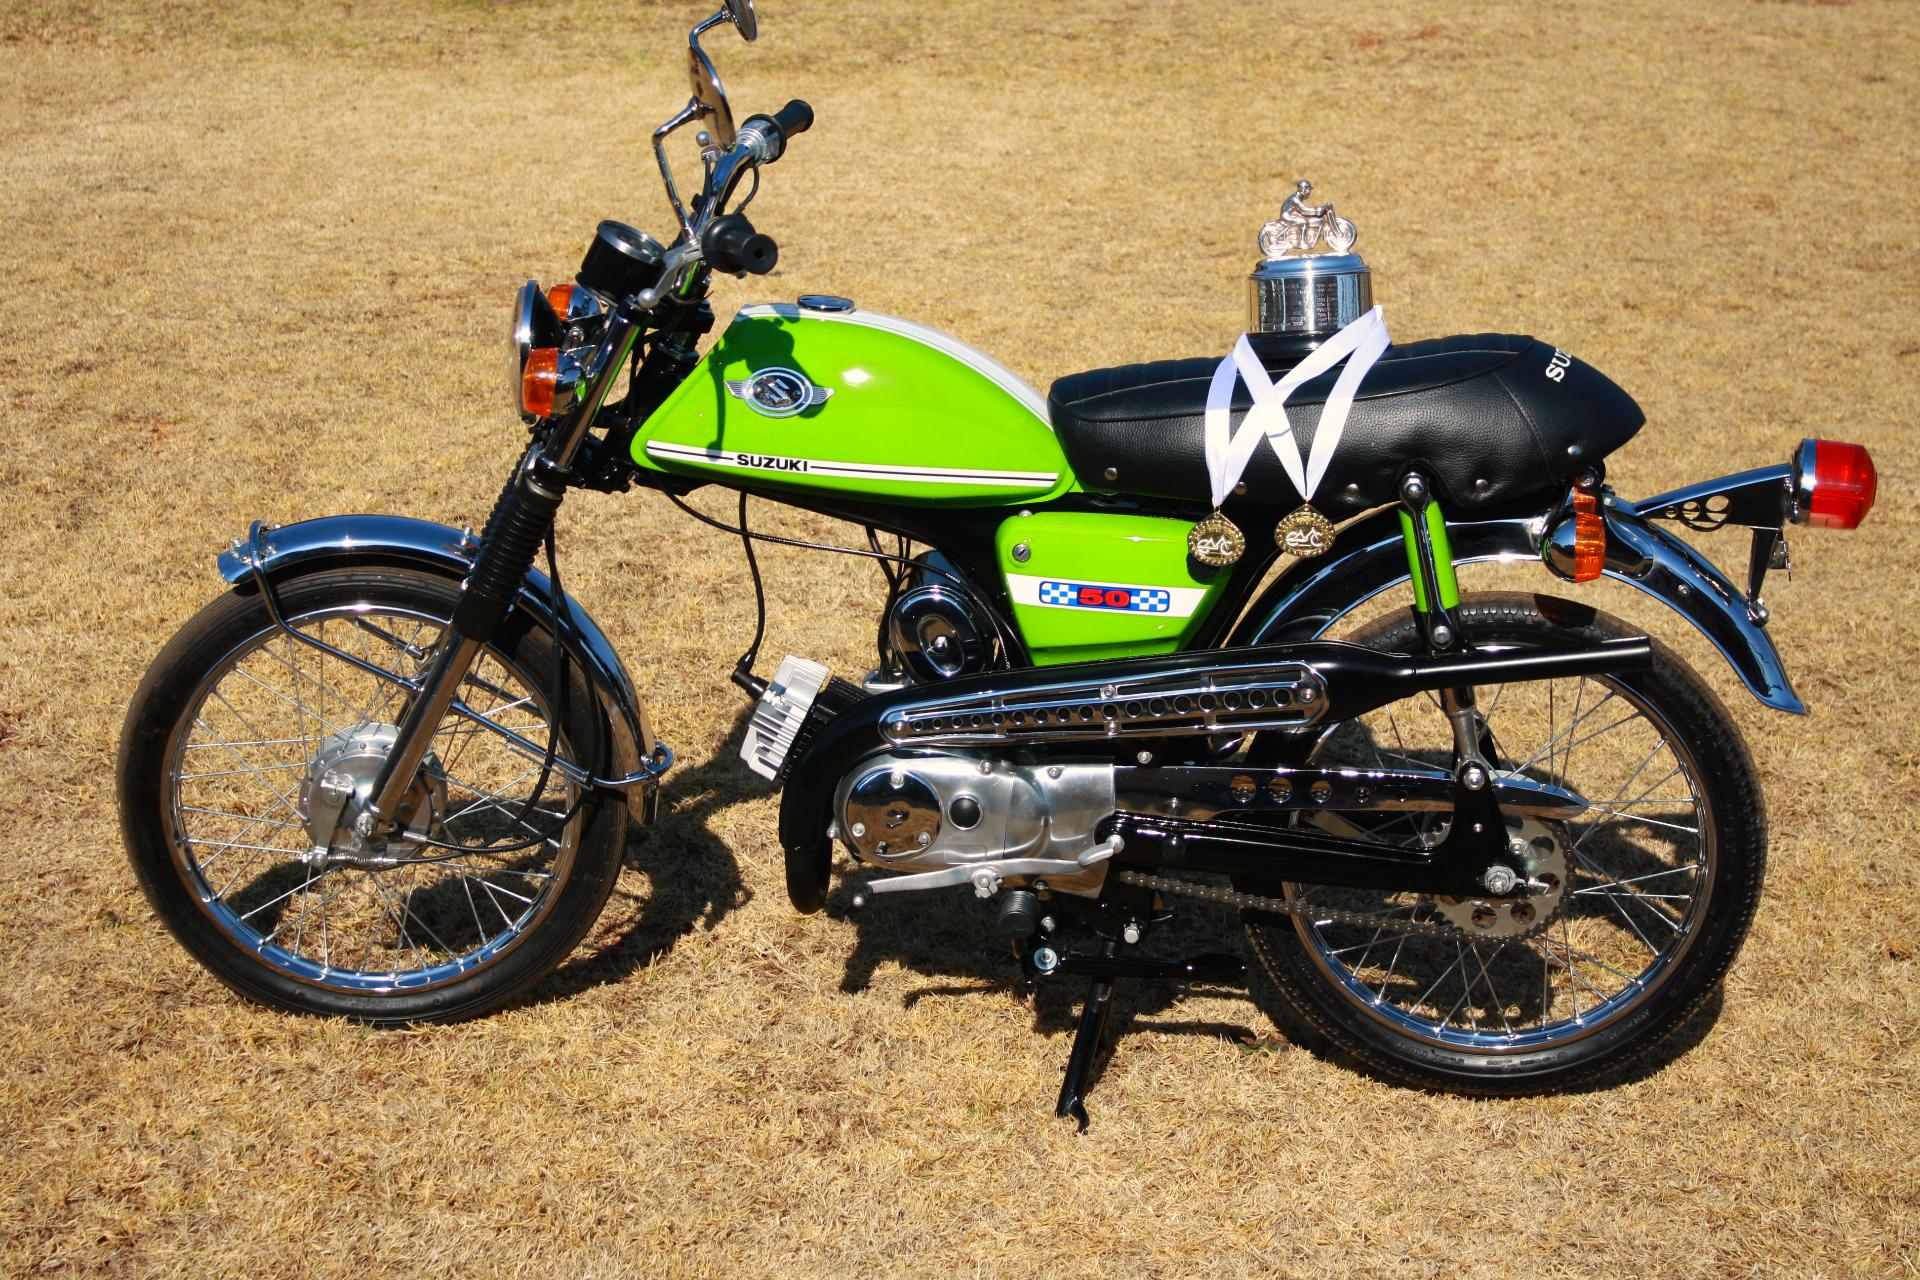 1974 Suzuki AC 50 After